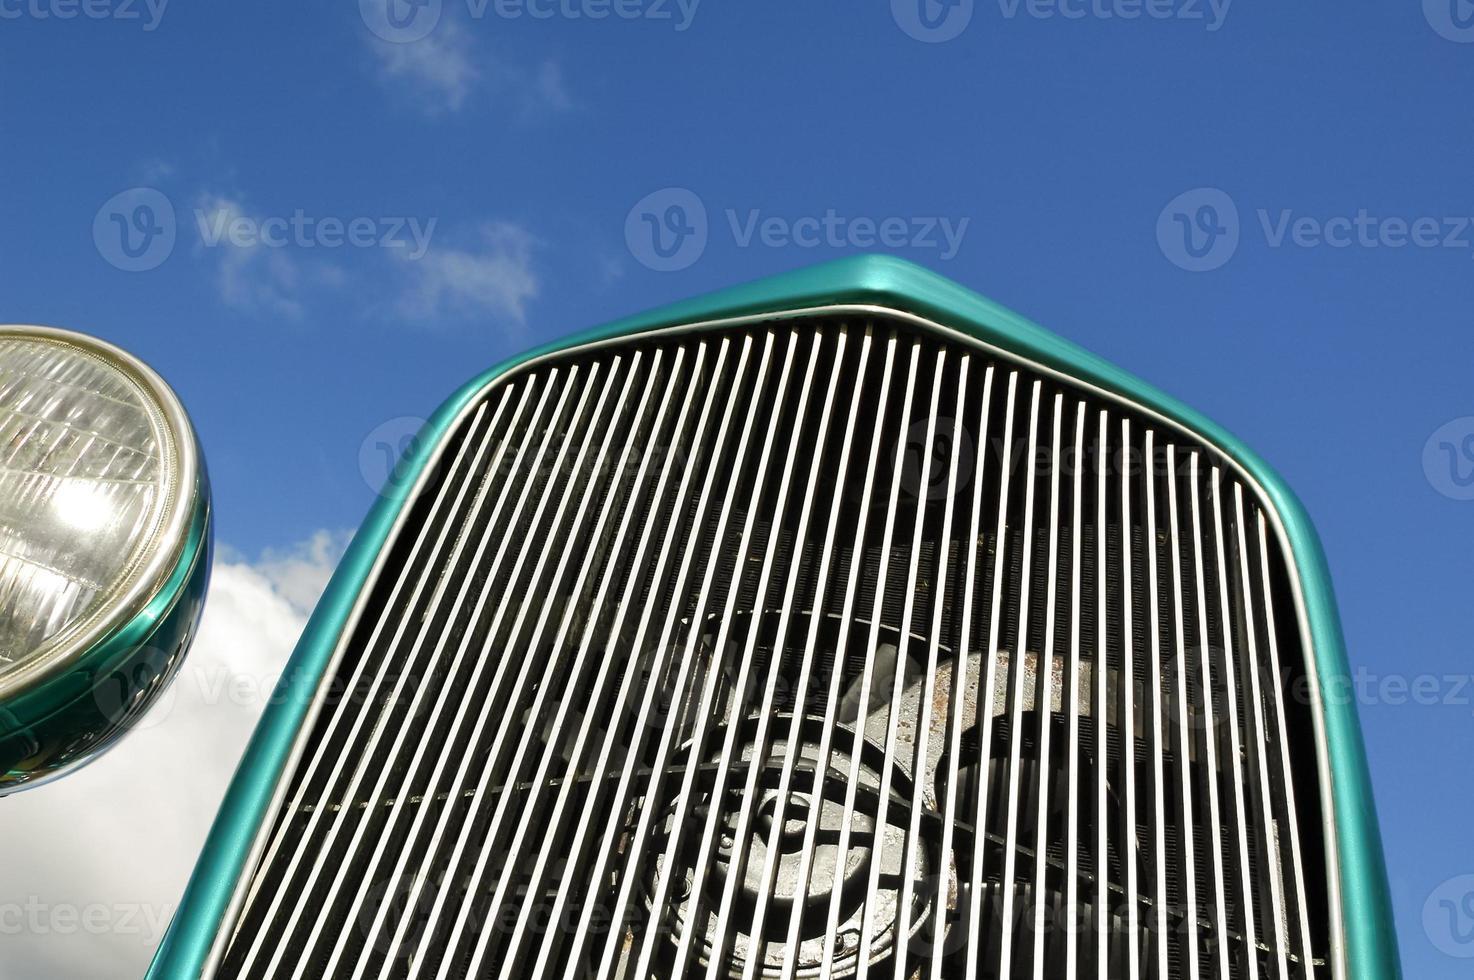 Hotrod-Gitter foto